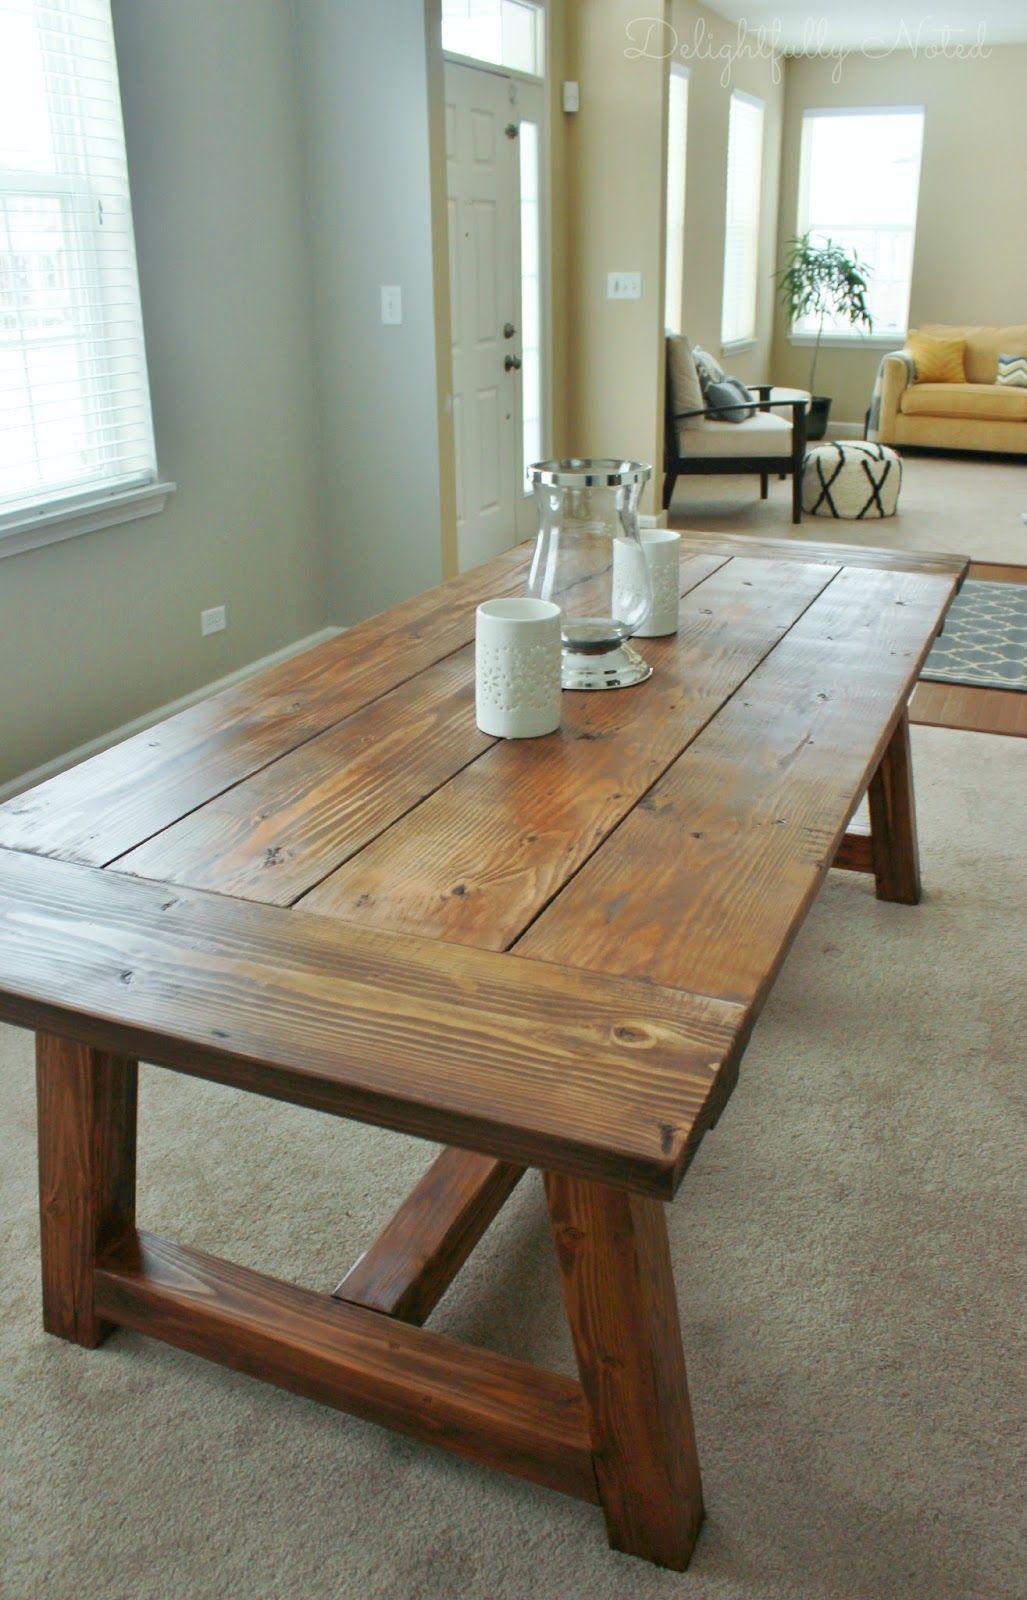 Holy Cannoli We Built A Farmhouse Dining Room Table Diy Dining Room Table Rustic Dining Room Table Farmhouse Dining Table